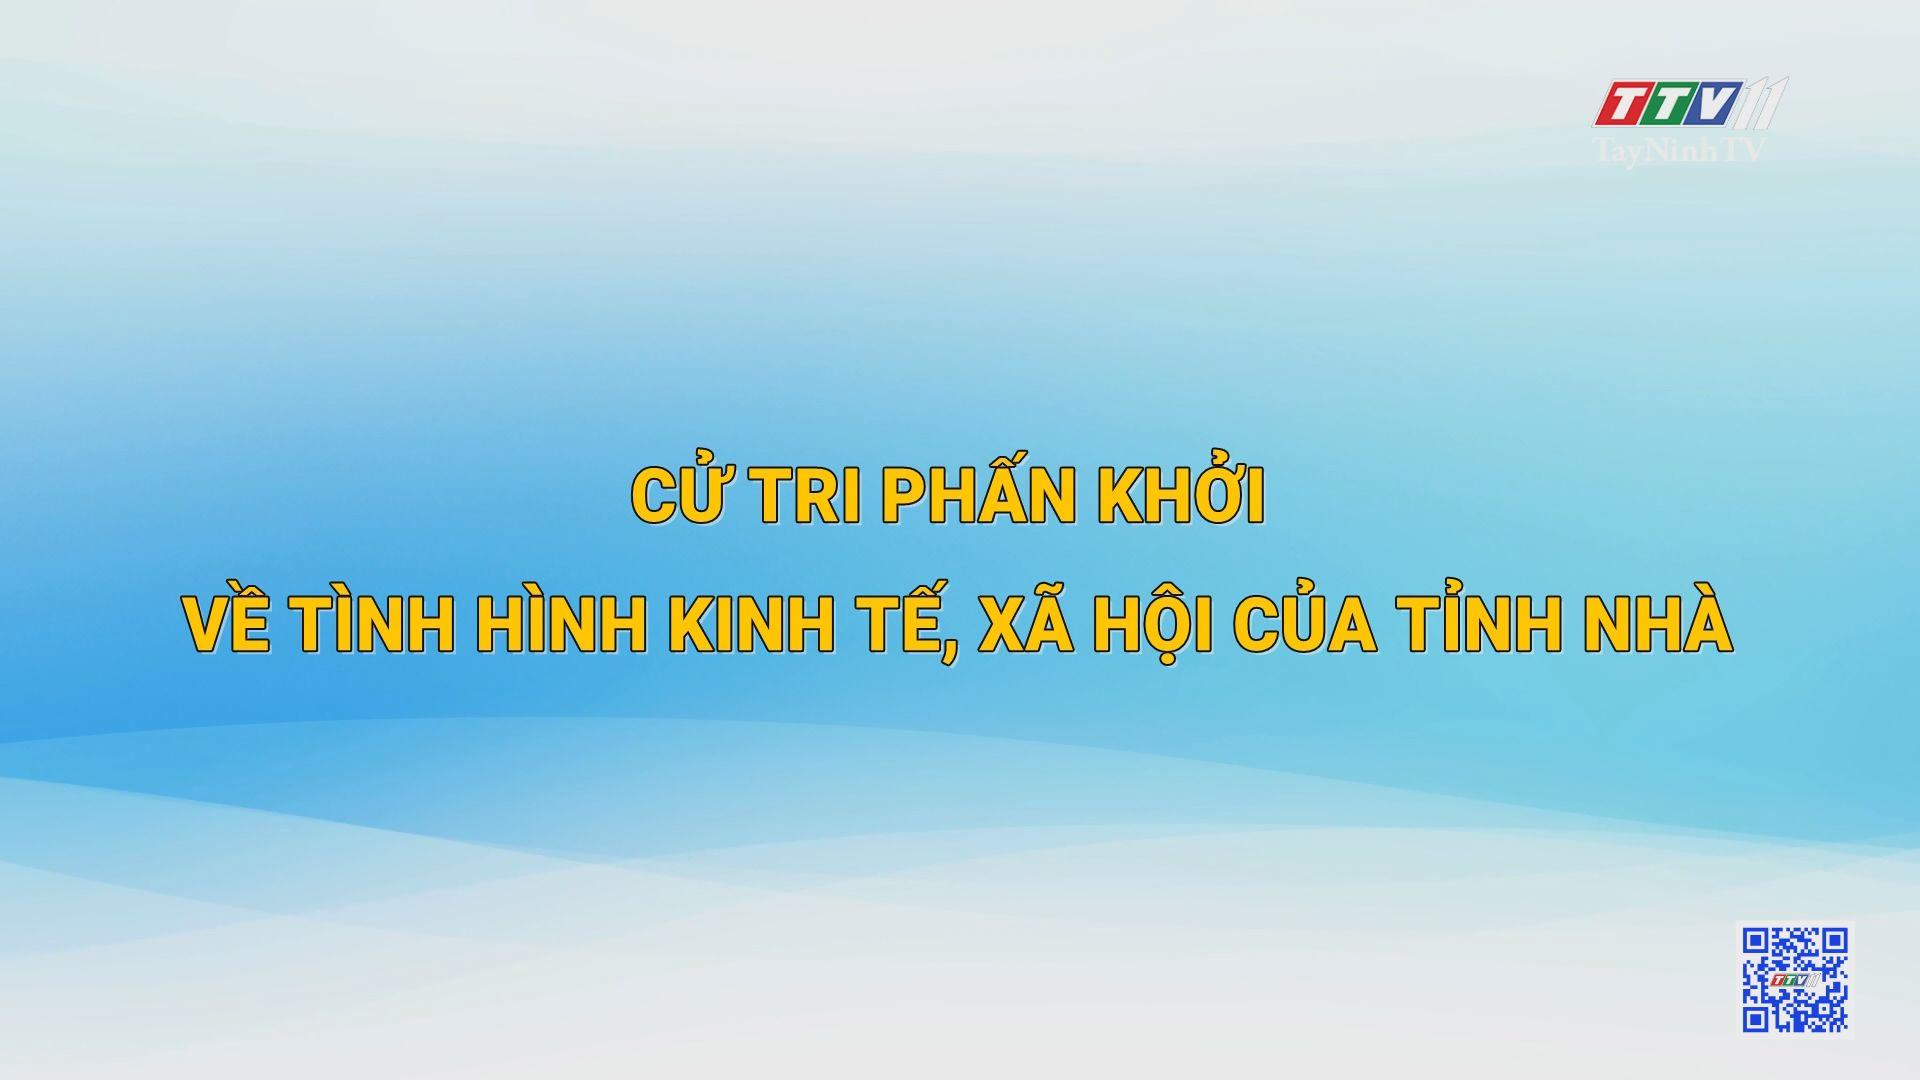 Cử tri phấn khởi về tình hình kinh tế, xã hội của tỉnh nhà | TIẾNG NÓI CỬ TRI | TayNinhTV